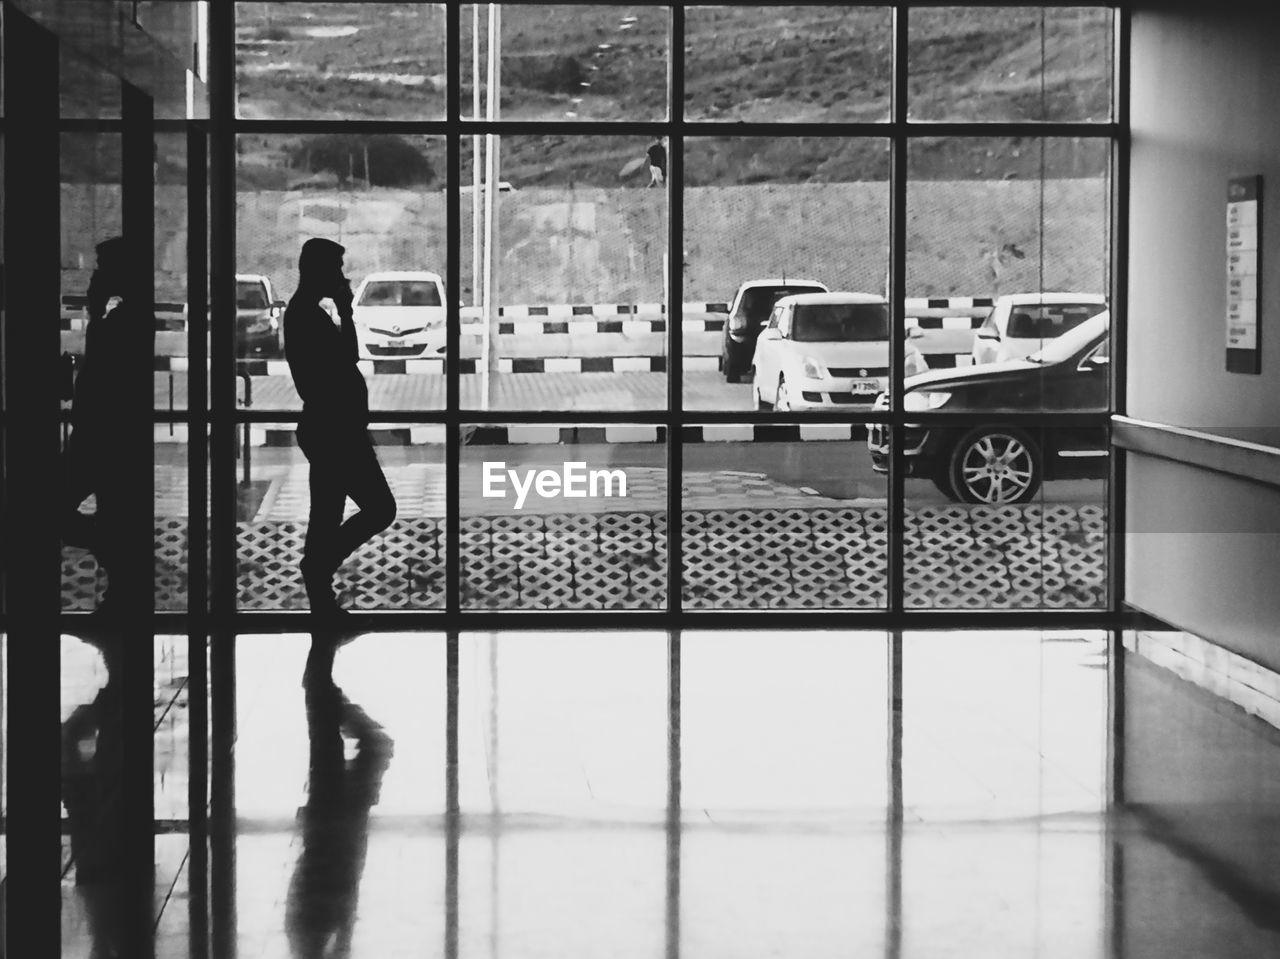 WOMAN WALKING ON GLASS WINDOW